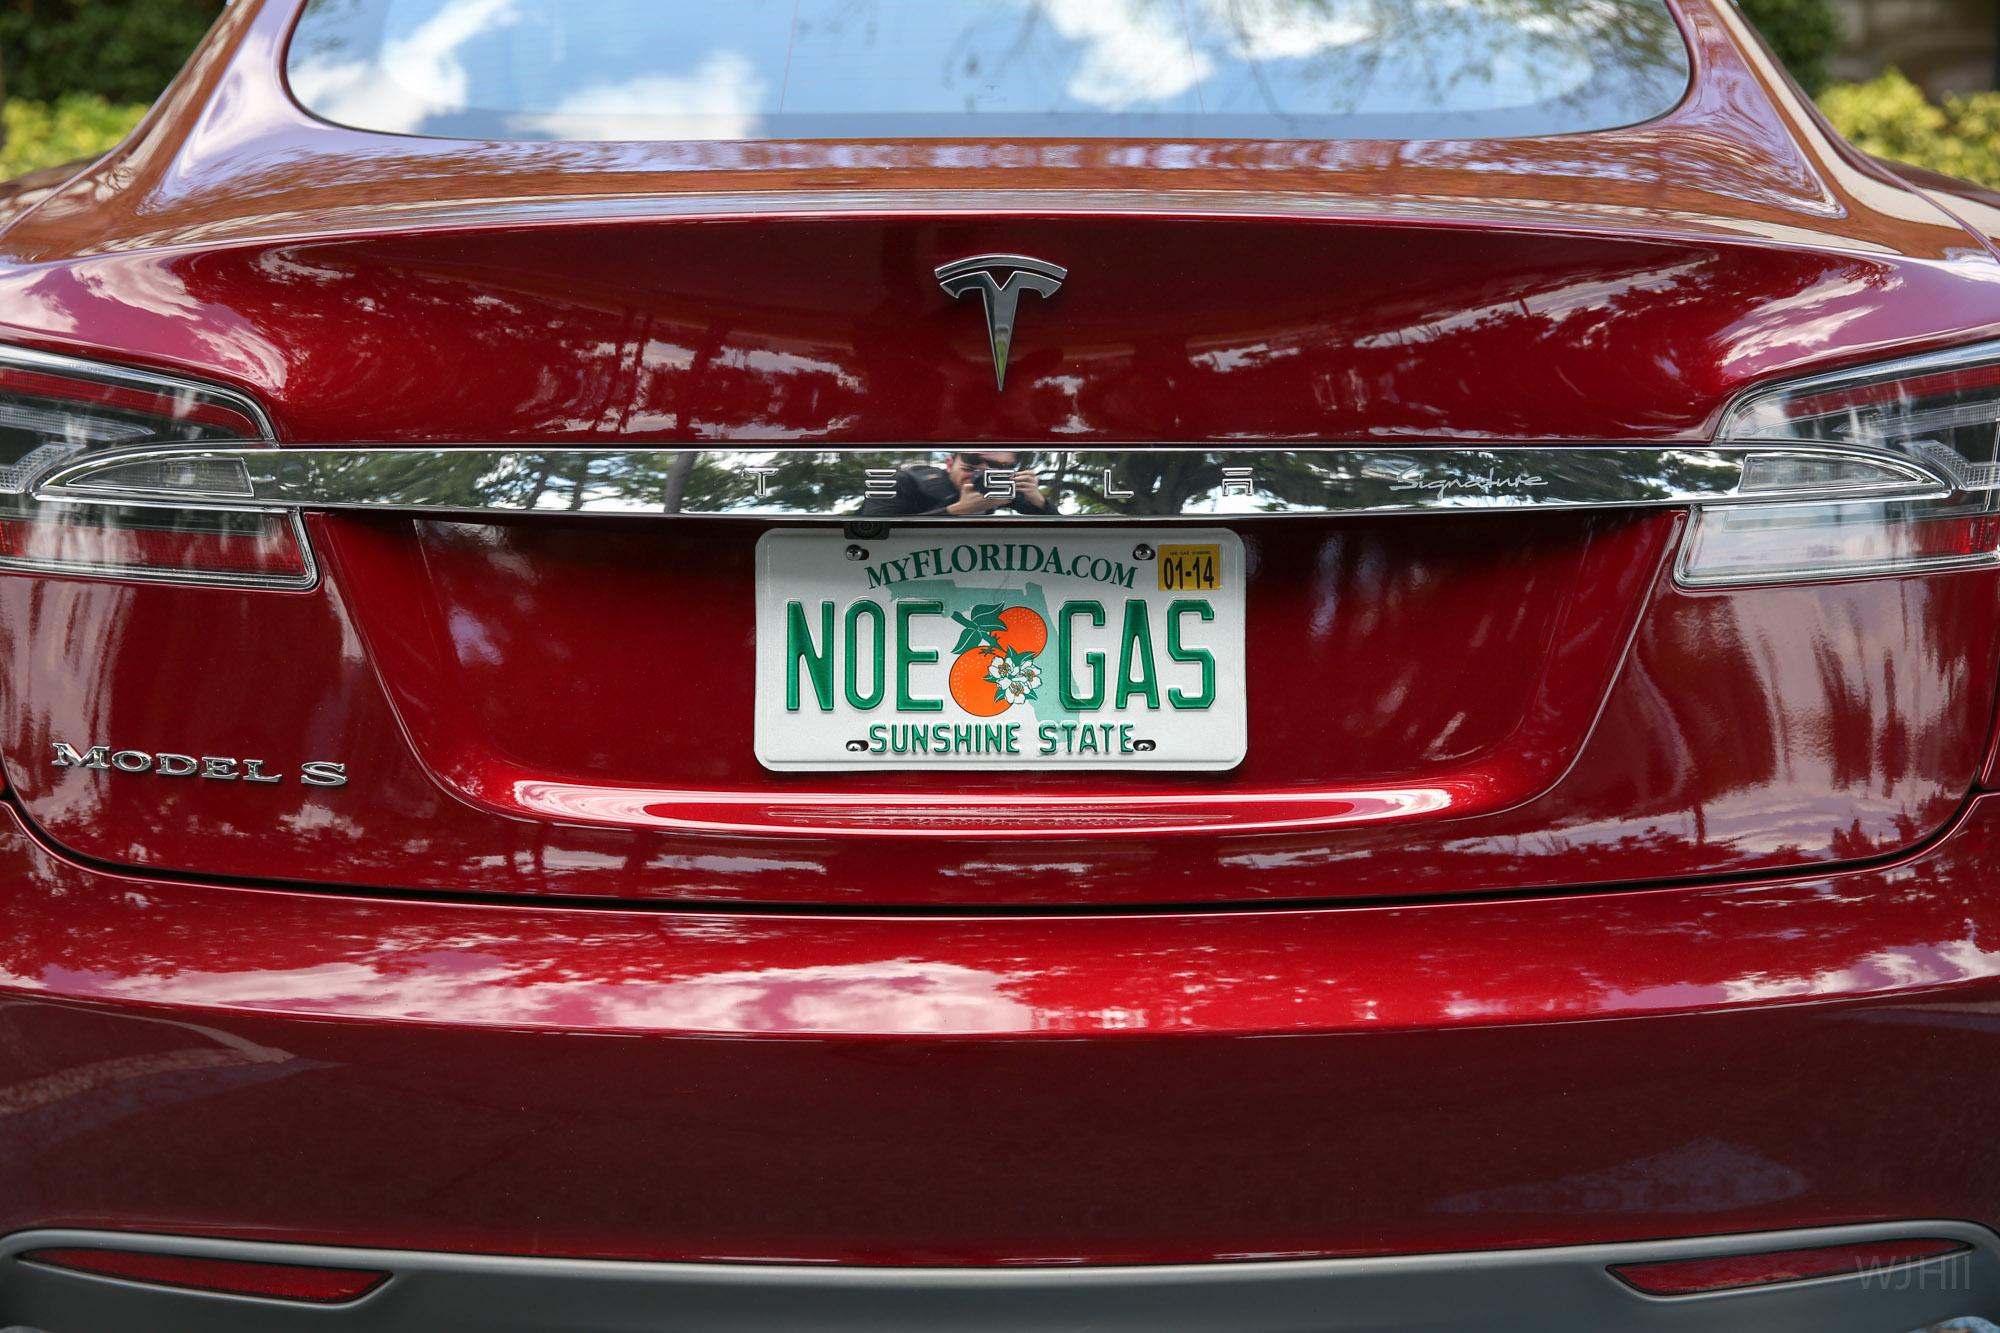 TeslaMotorsClub_Tampa_28APR13_0072.jpg